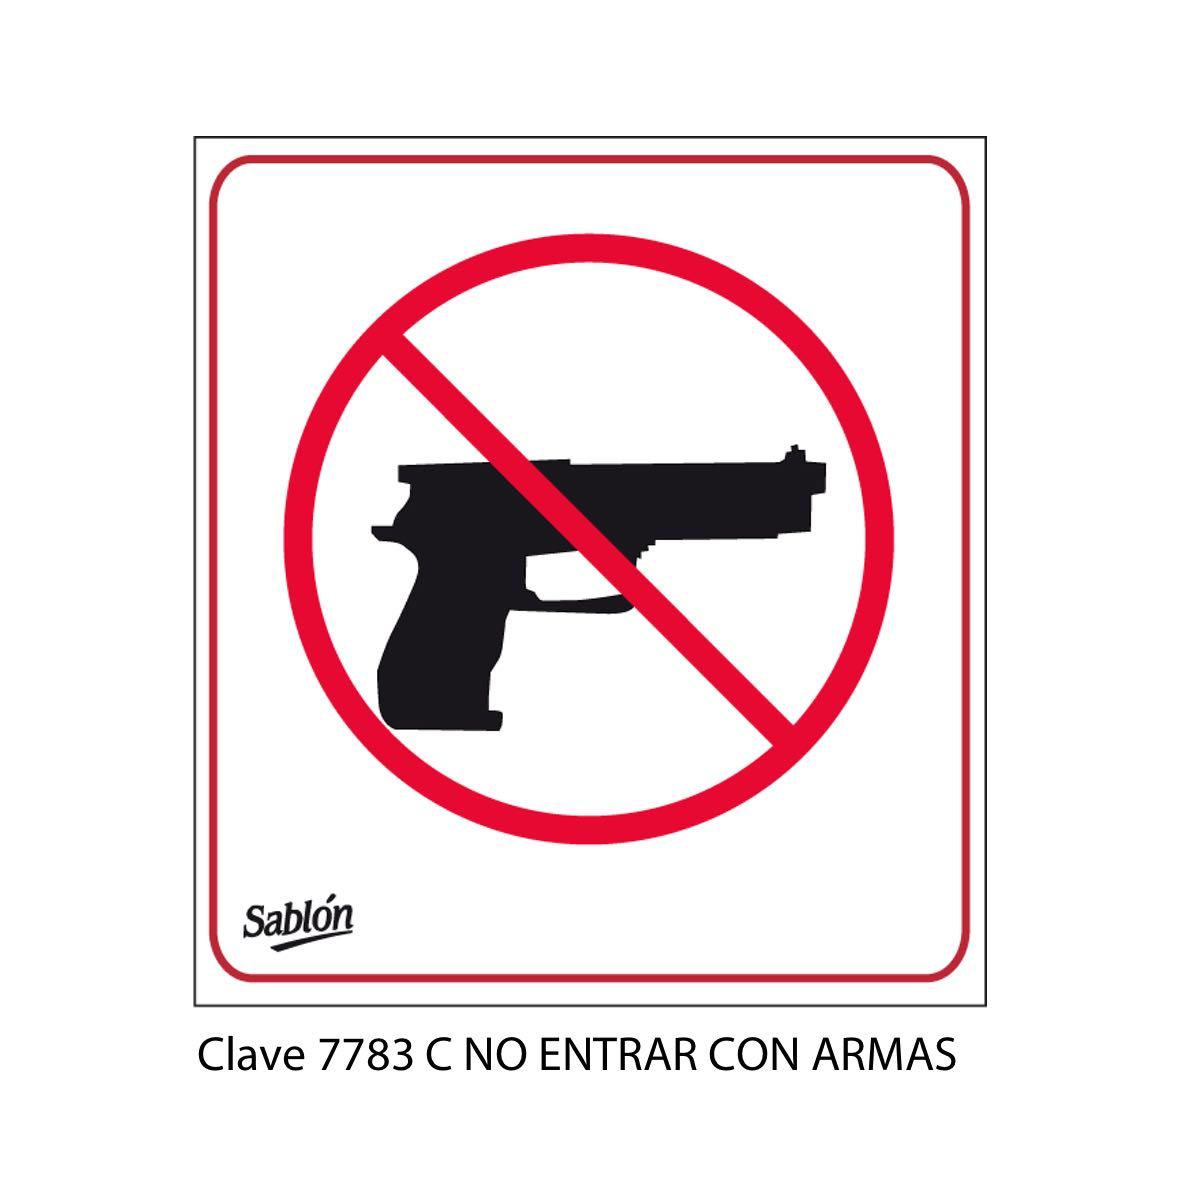 Señal no entrar con Armas Modelo 7783 C - Sablón